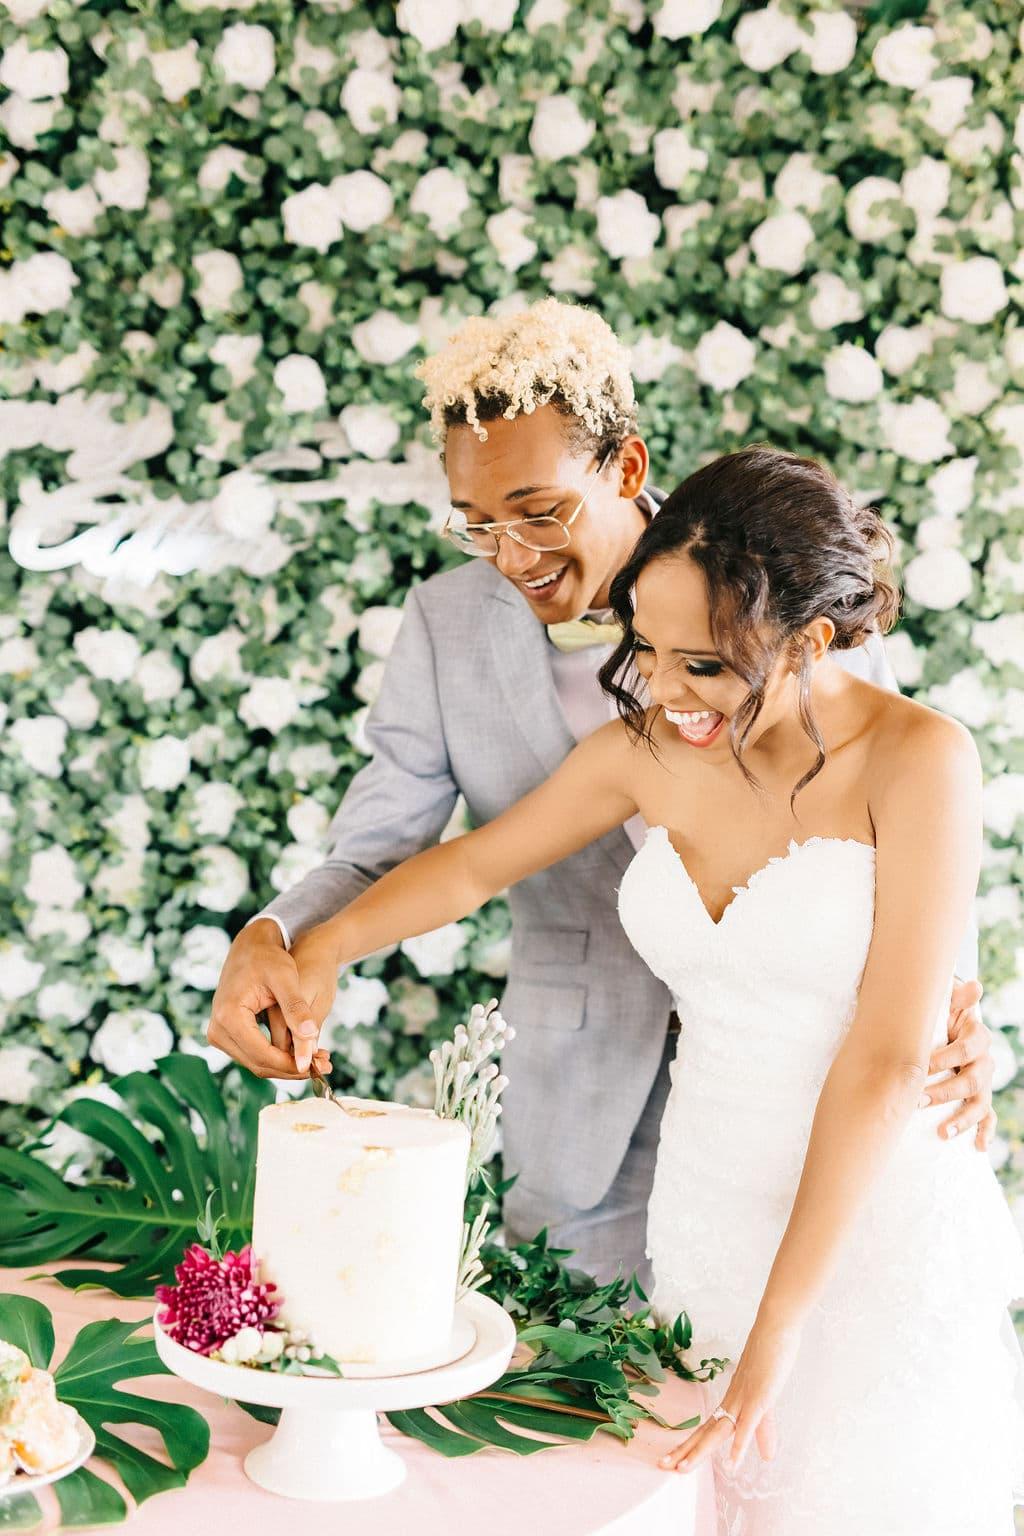 micro wedding Disney Princess and the Frog Wedding Theme small wedding cake